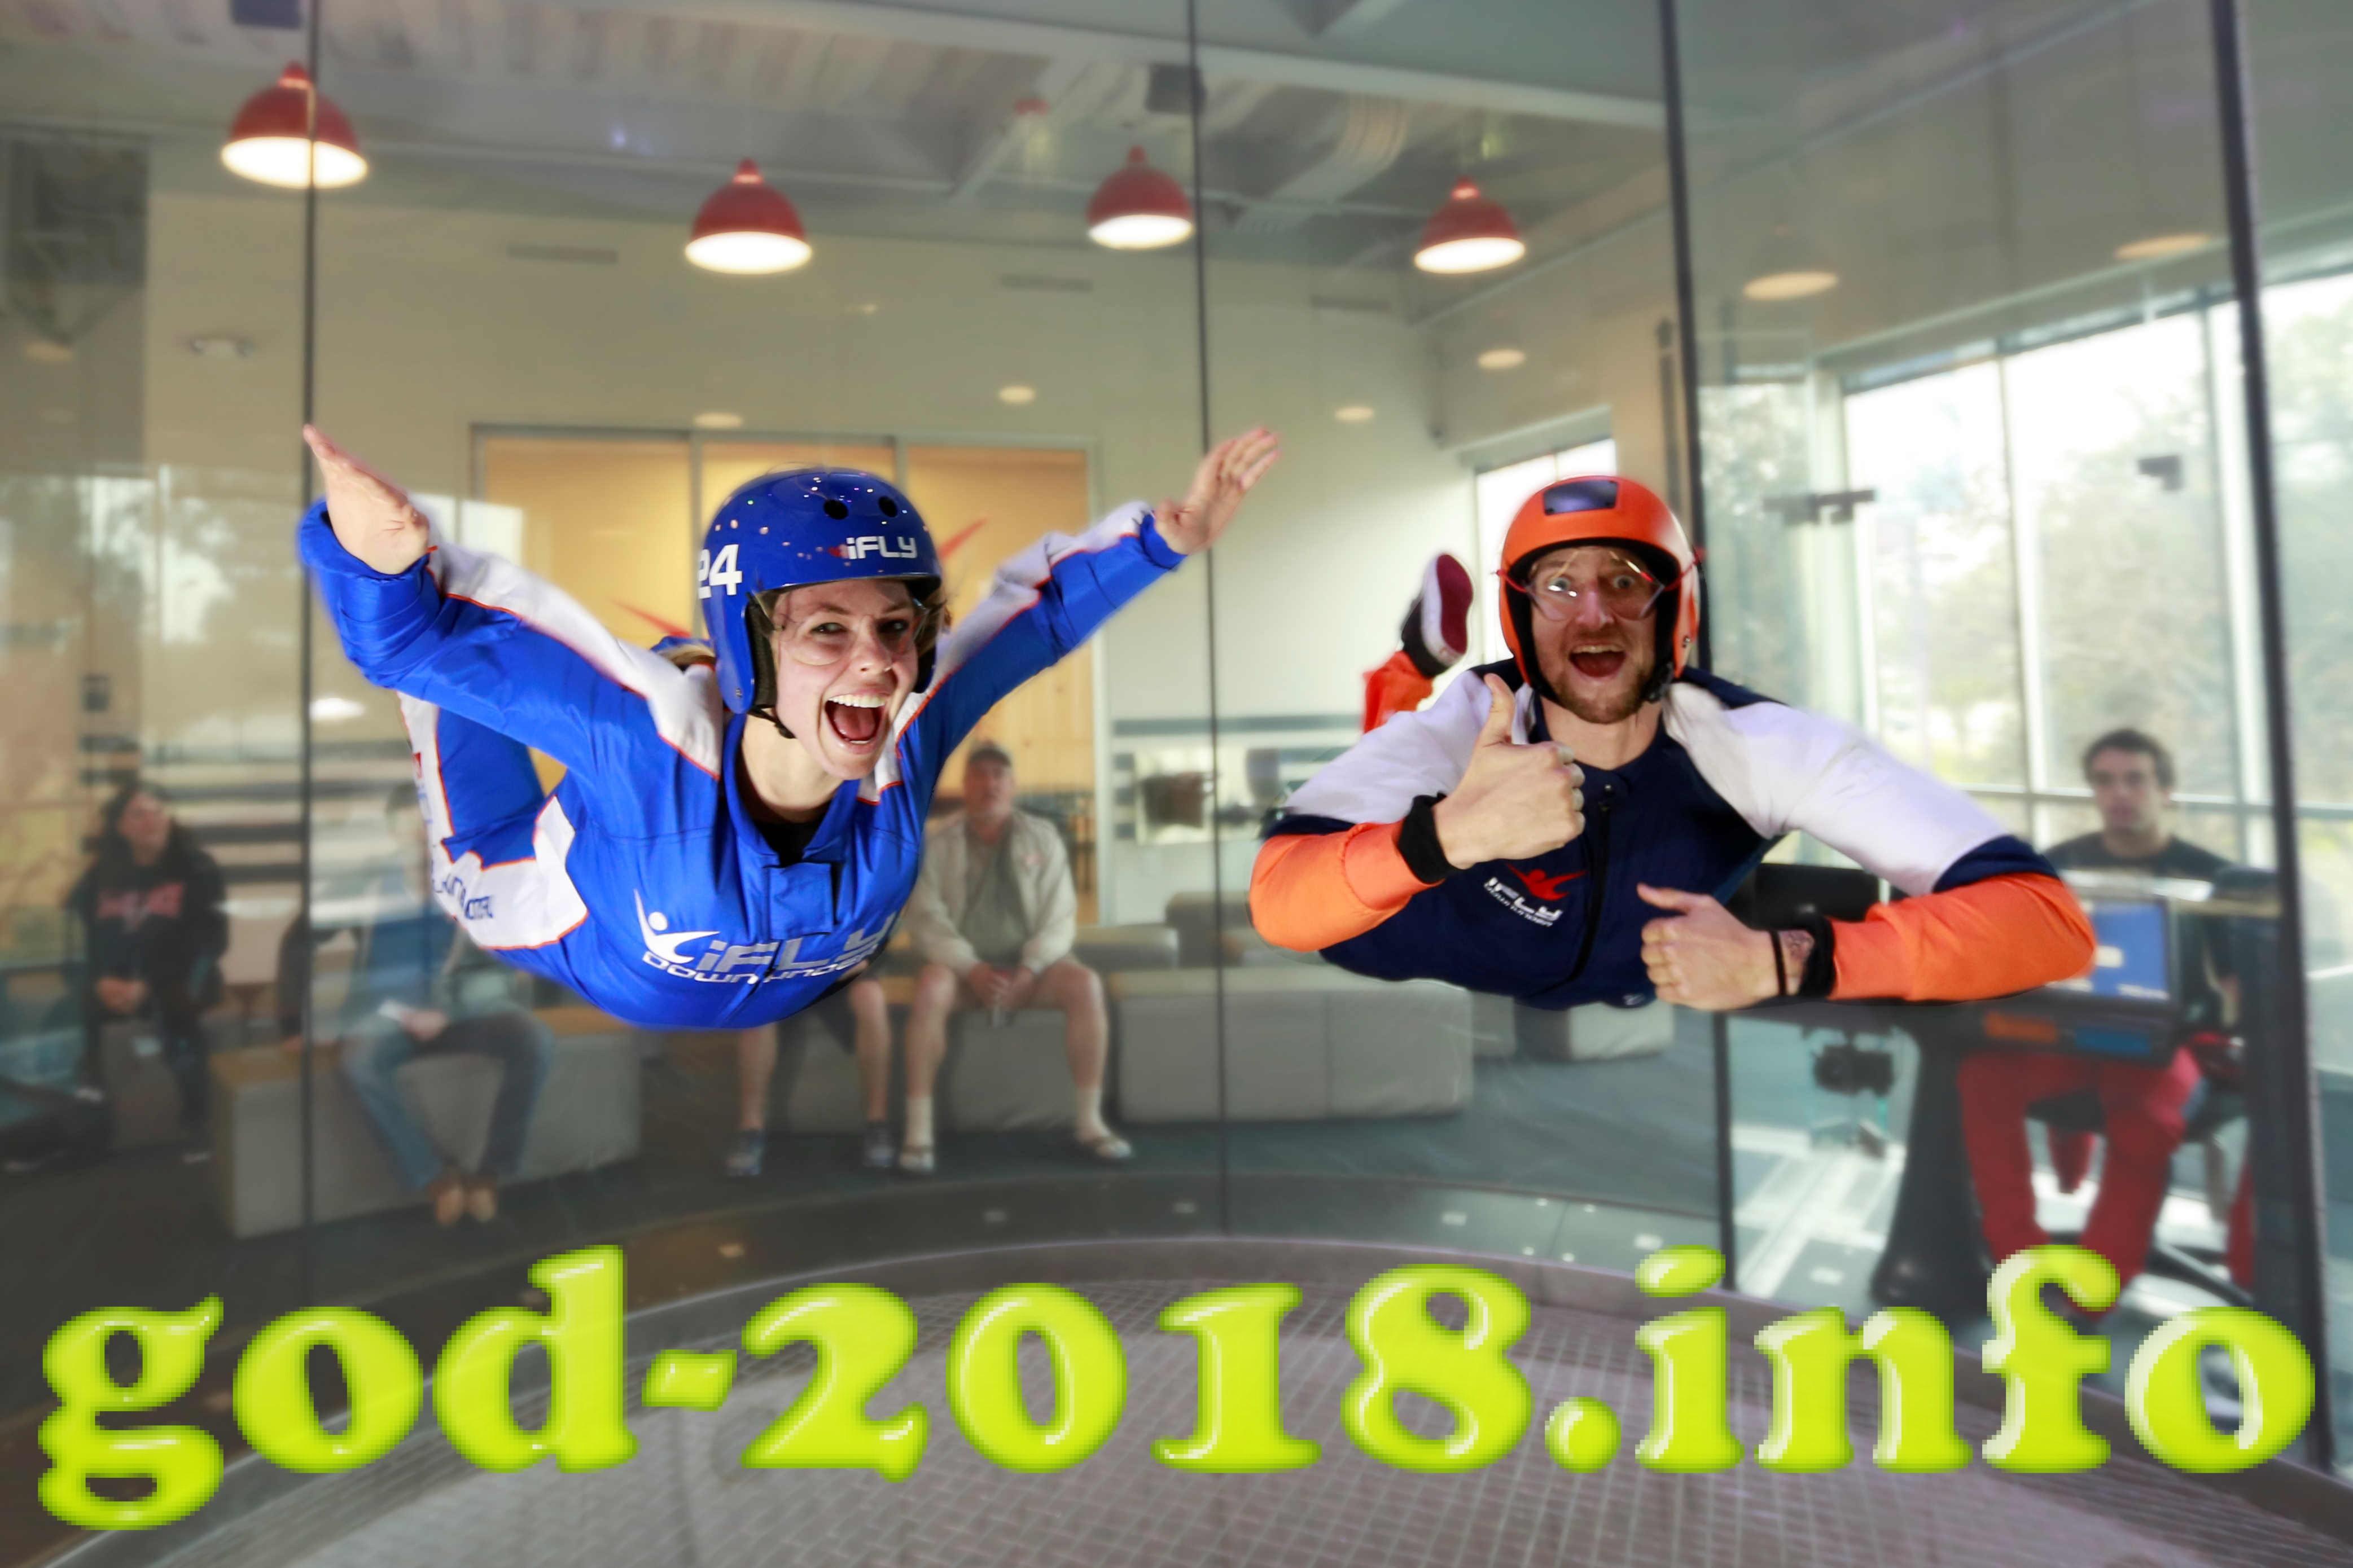 novyj-god-2018-v-prage-kuda-shodit-4